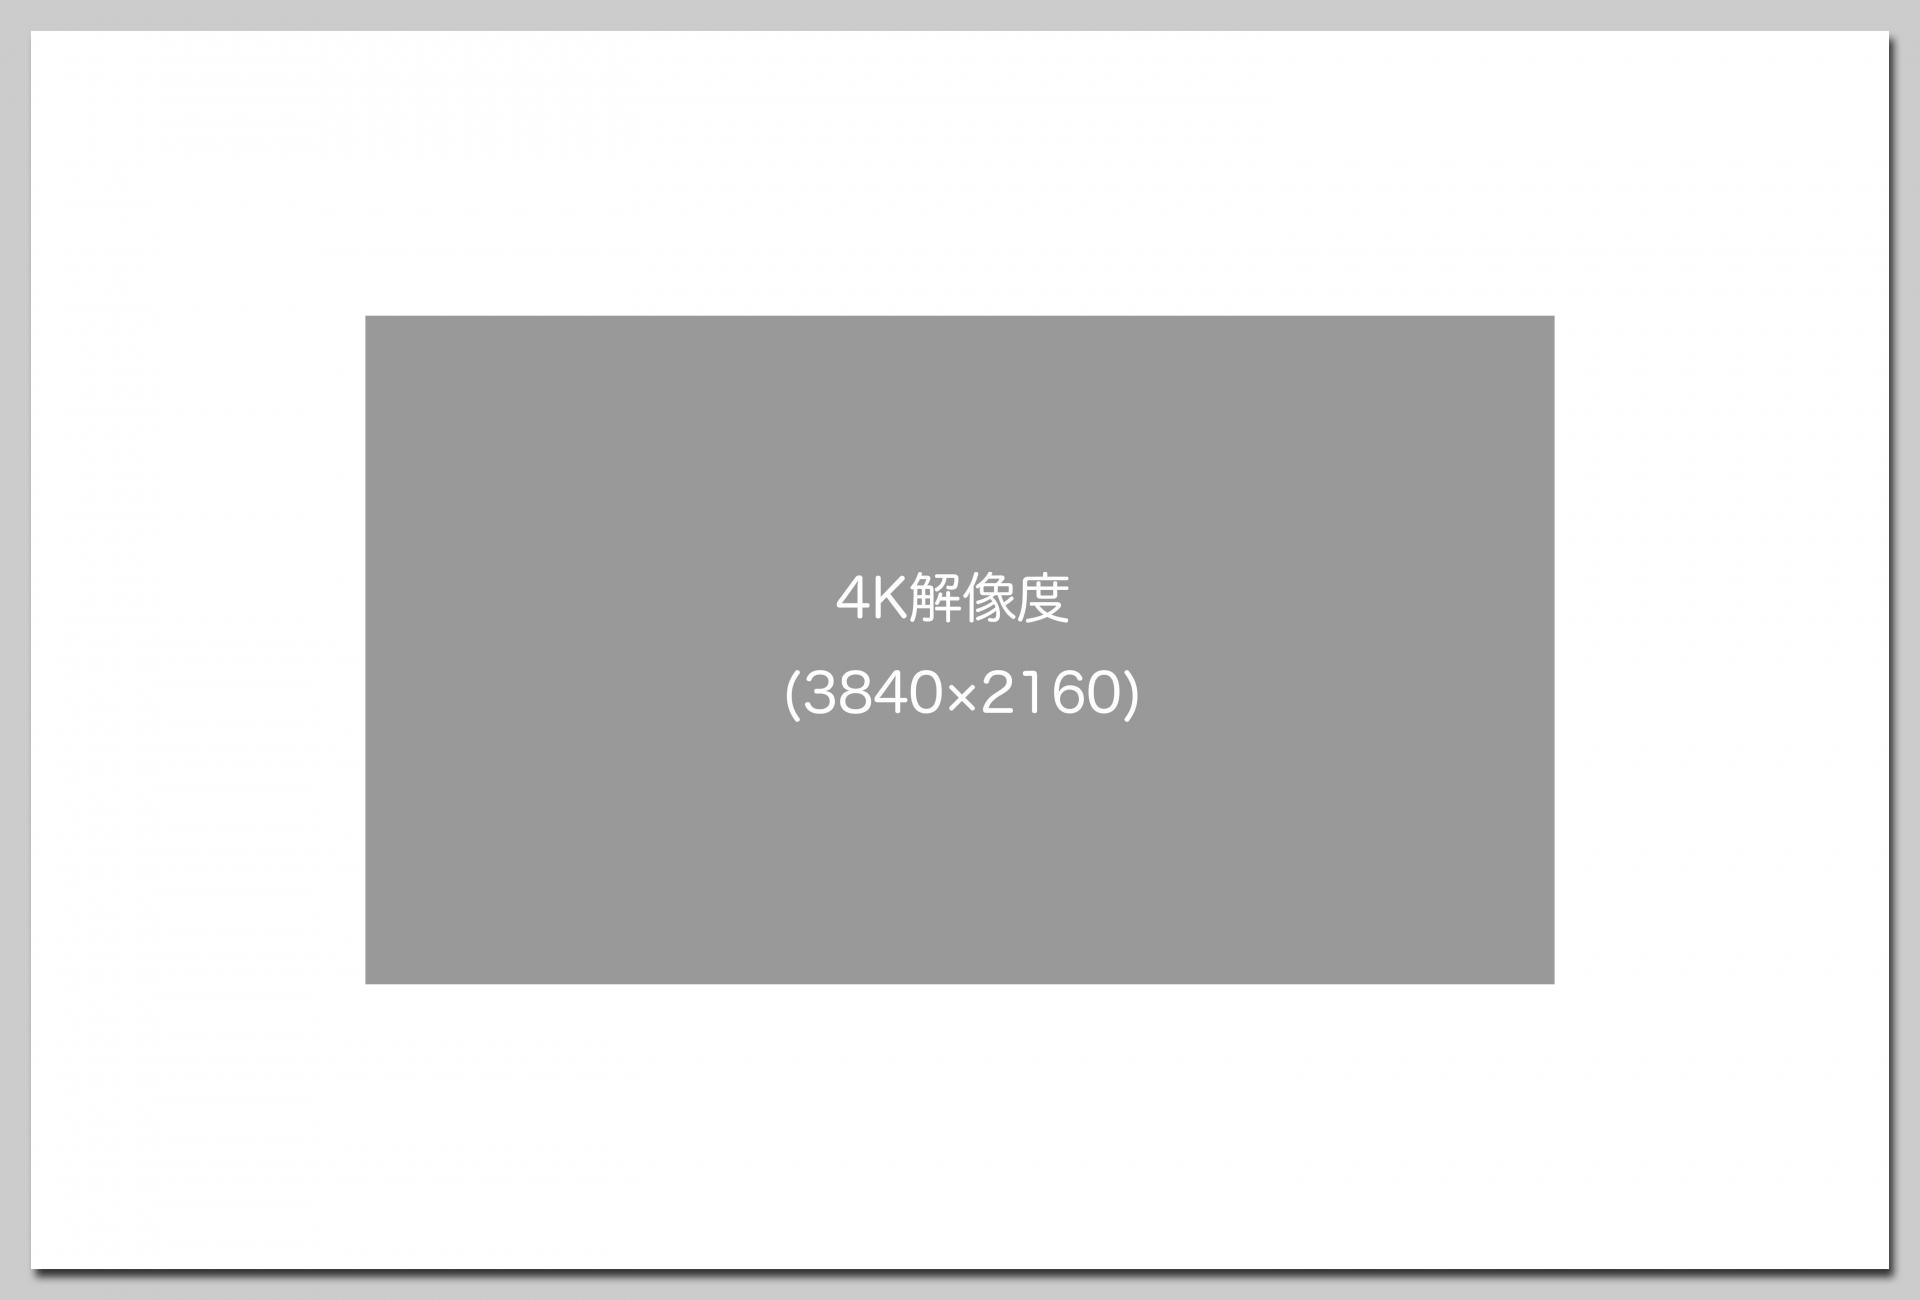 2020032001.jpg